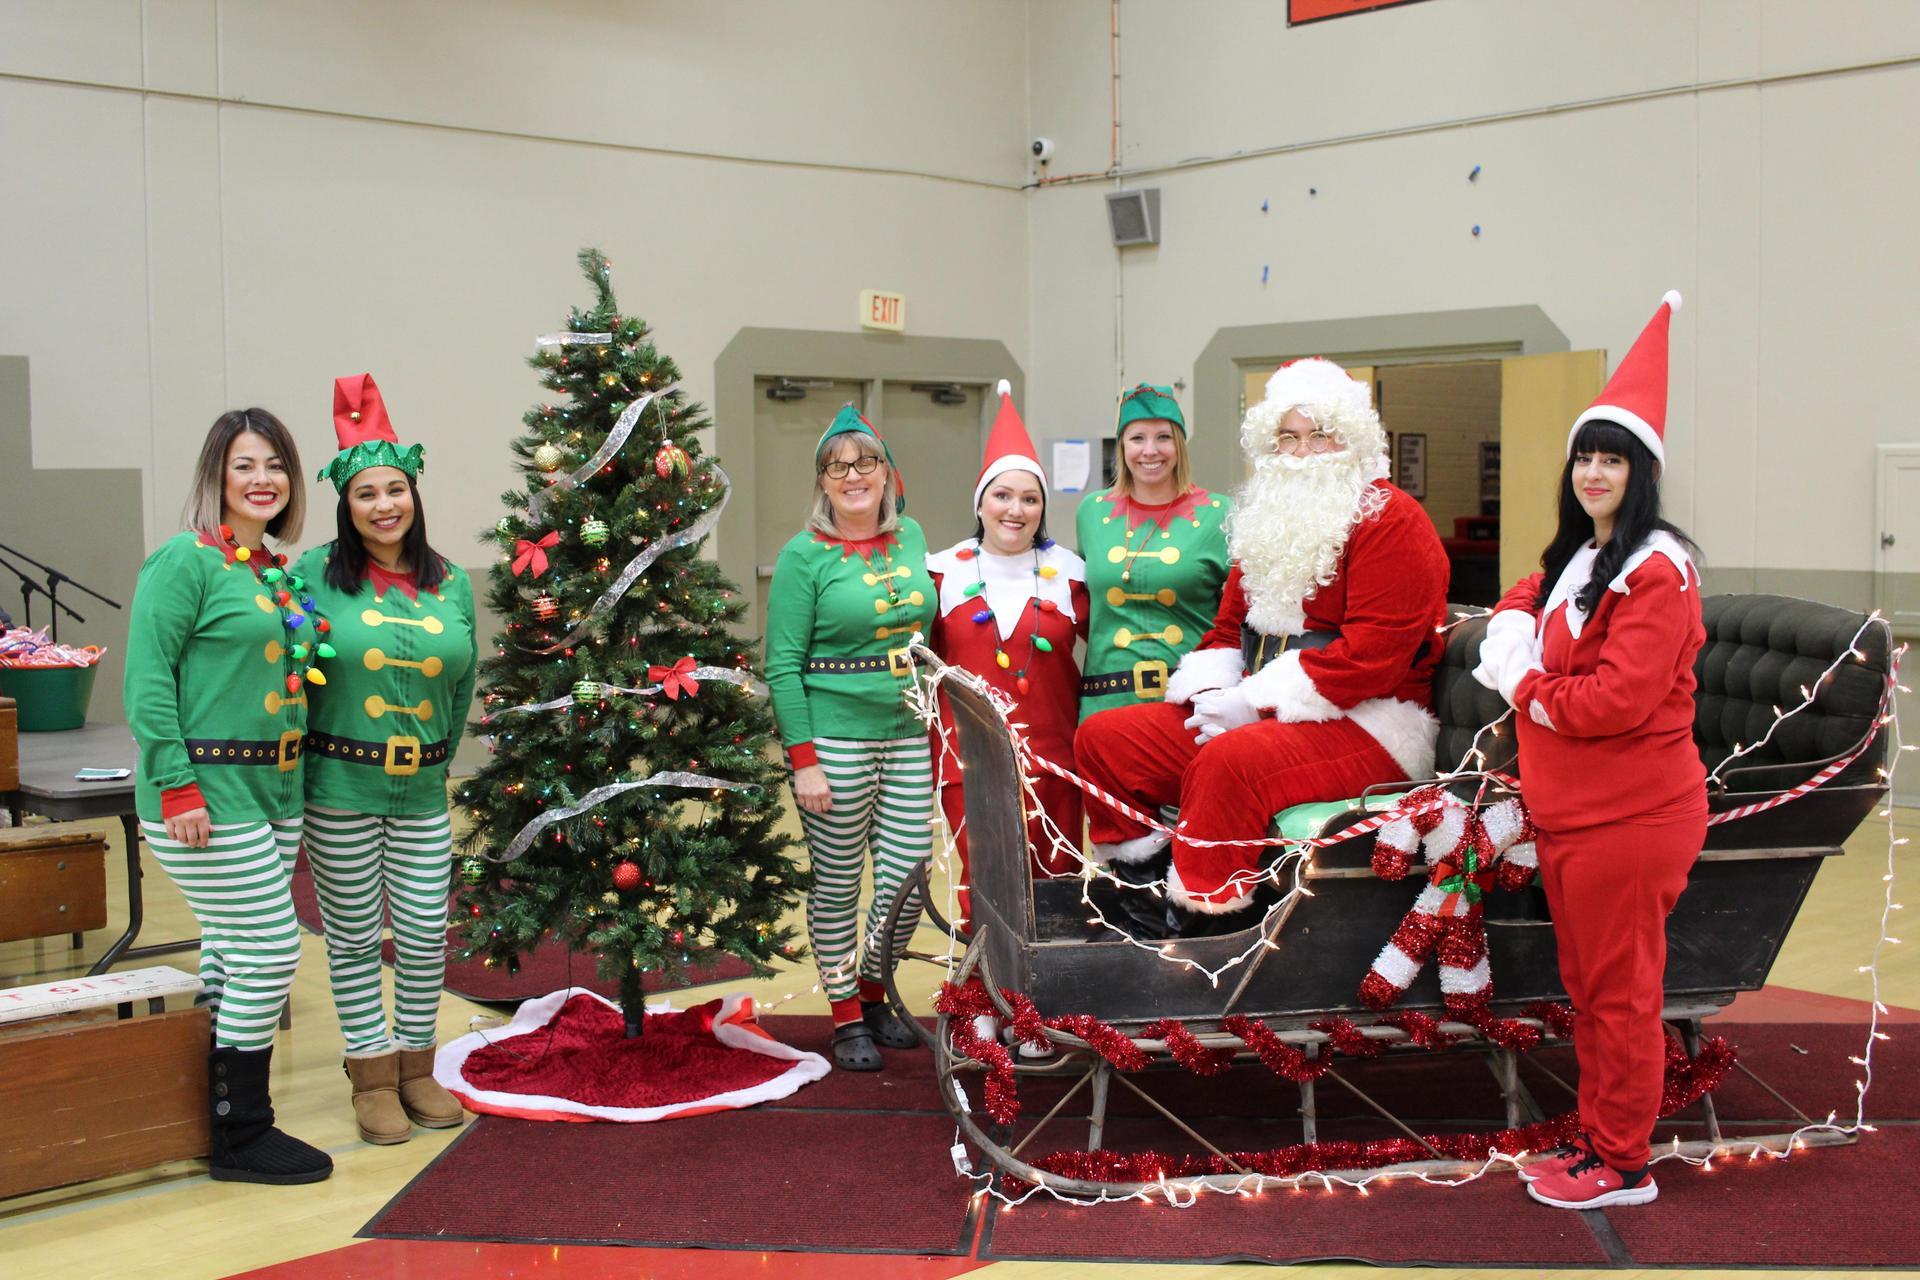 Ms. Almanzar, Ms. Ramirez, Mrs. Seals, Mrs. Vantassel, Ms. Chapman, Santa, Dr. Plascencia